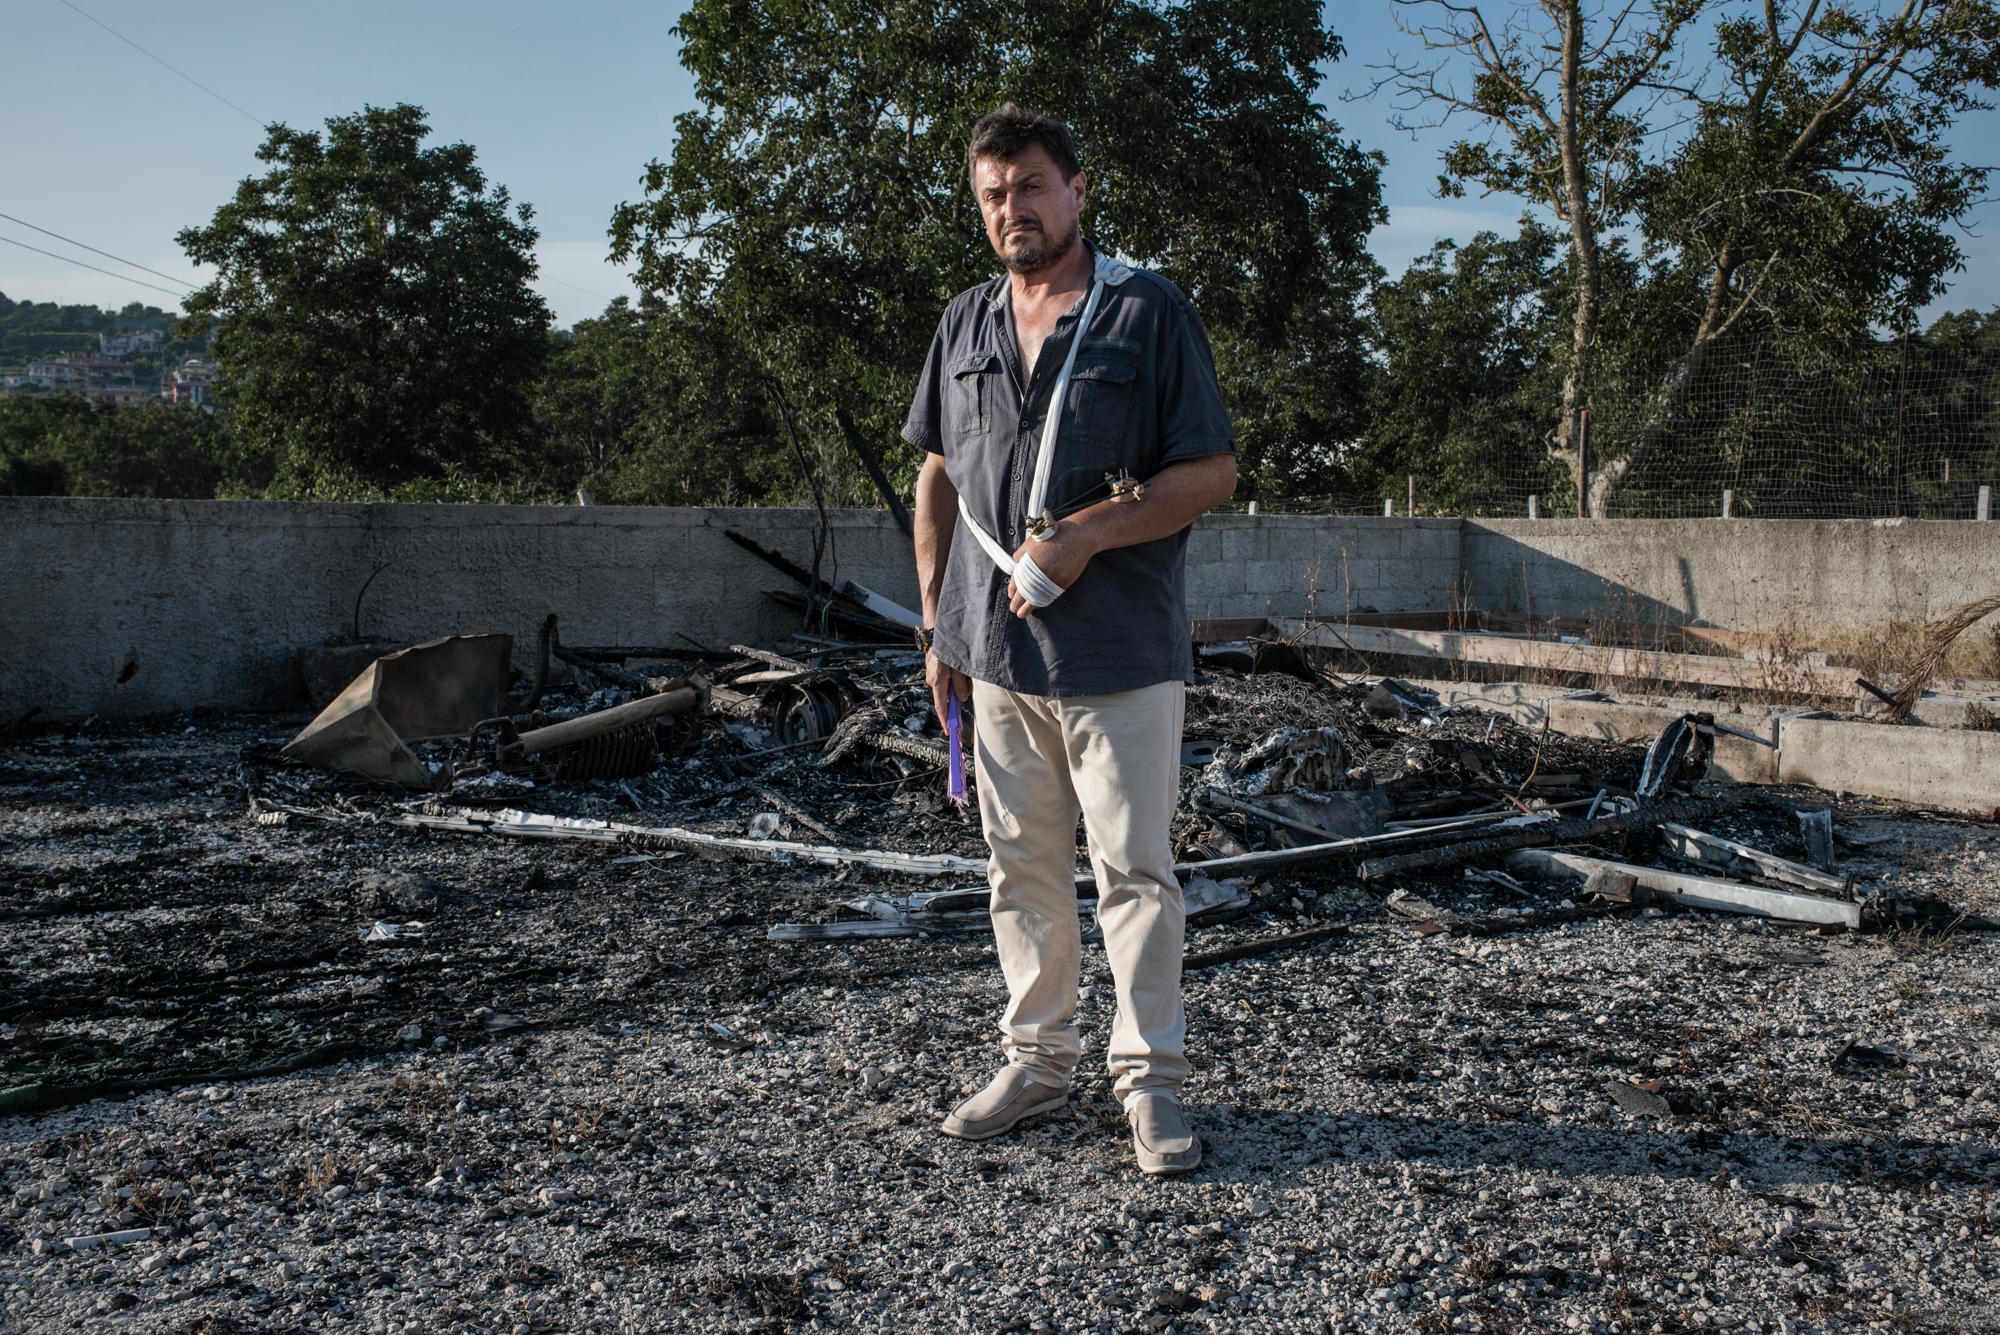 Pianura, (NA), 2015. Vincenzo Russo, membro dell'associazione  Rinascita dei Campi Flegrei  e militante del movimento 5 Stelle davanti alla propria roulotte bruciata, un avvertimento per la sua opposizione alla Camorra.